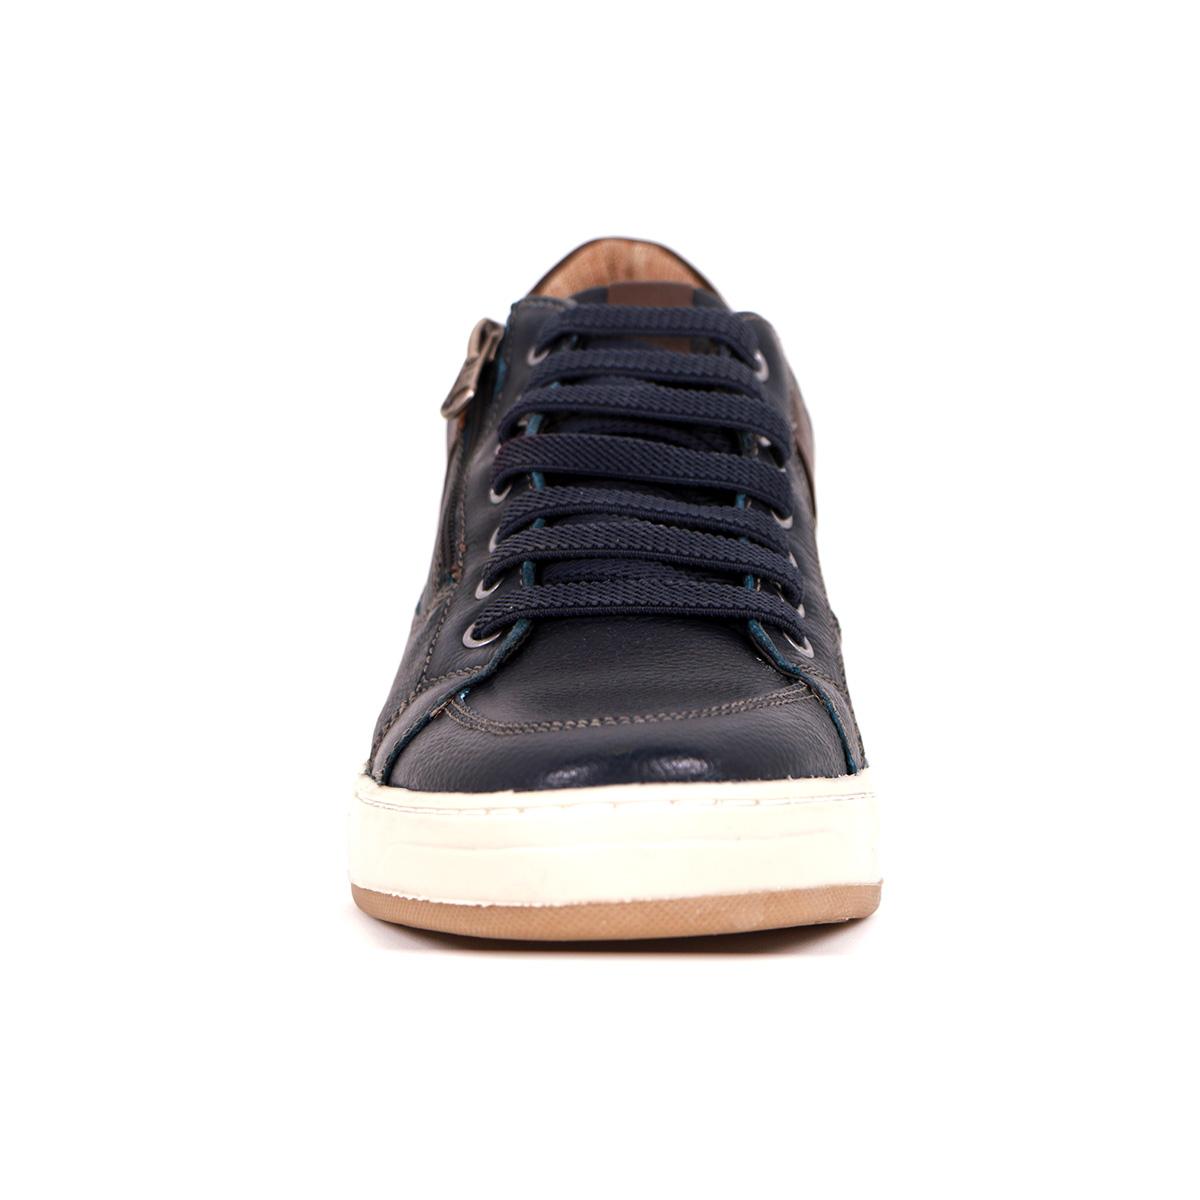 Tenis Hidden Jeans Max Denegri +7cms De Altura _73359